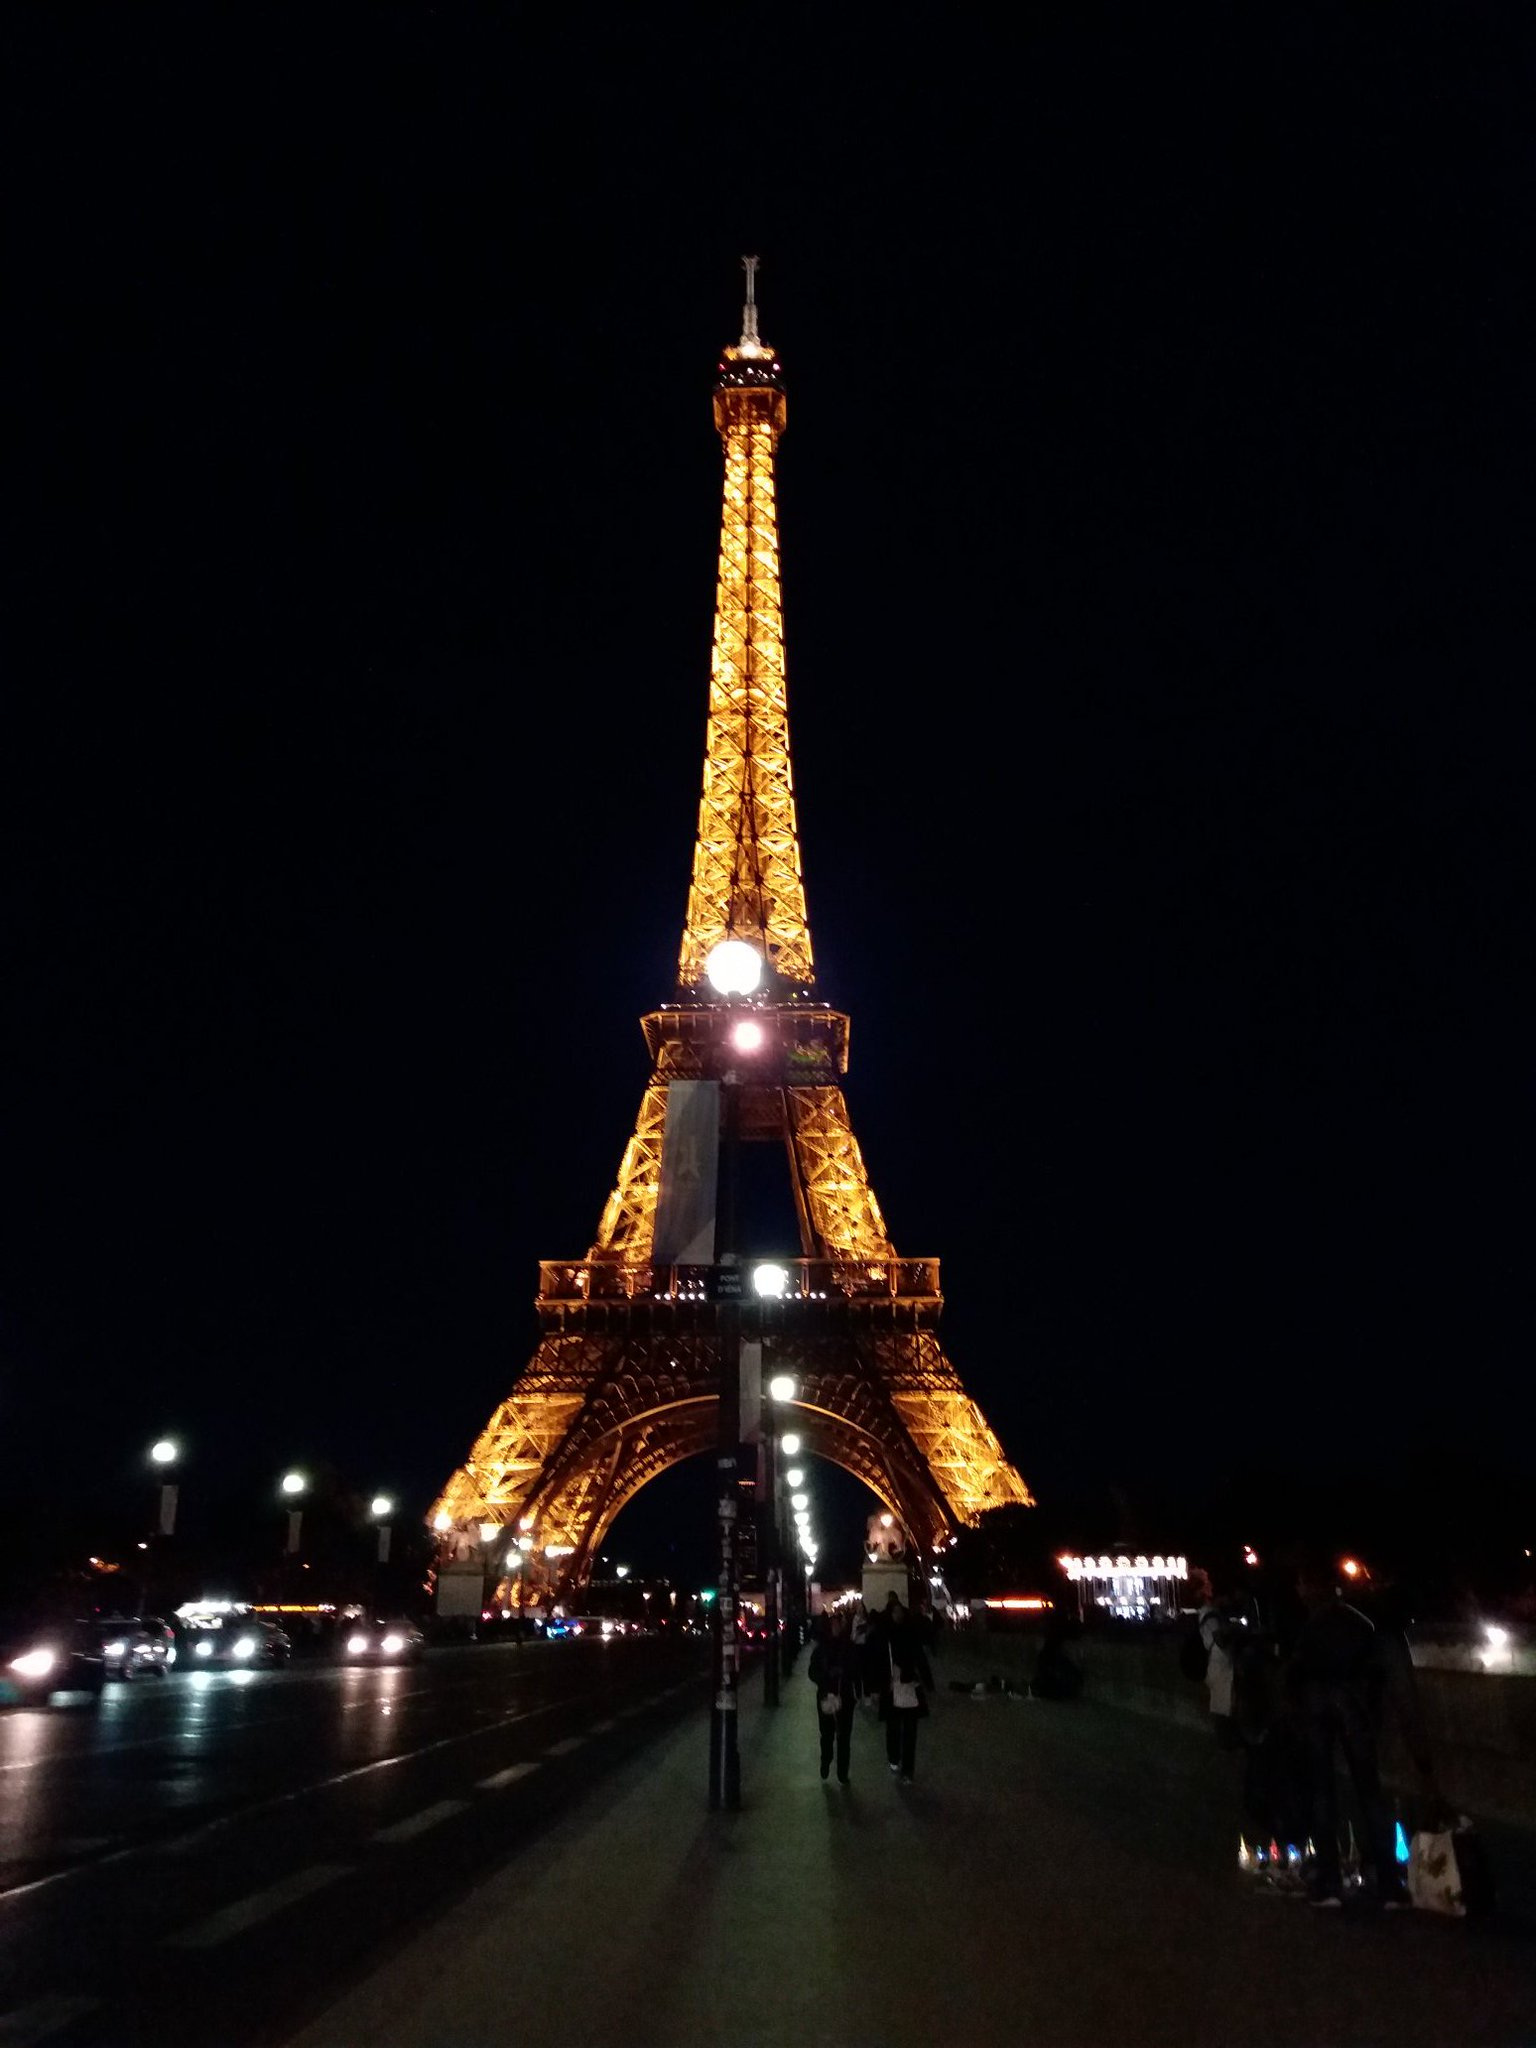 Buenas noches. #París https://t.co/SfhgDcXWwv